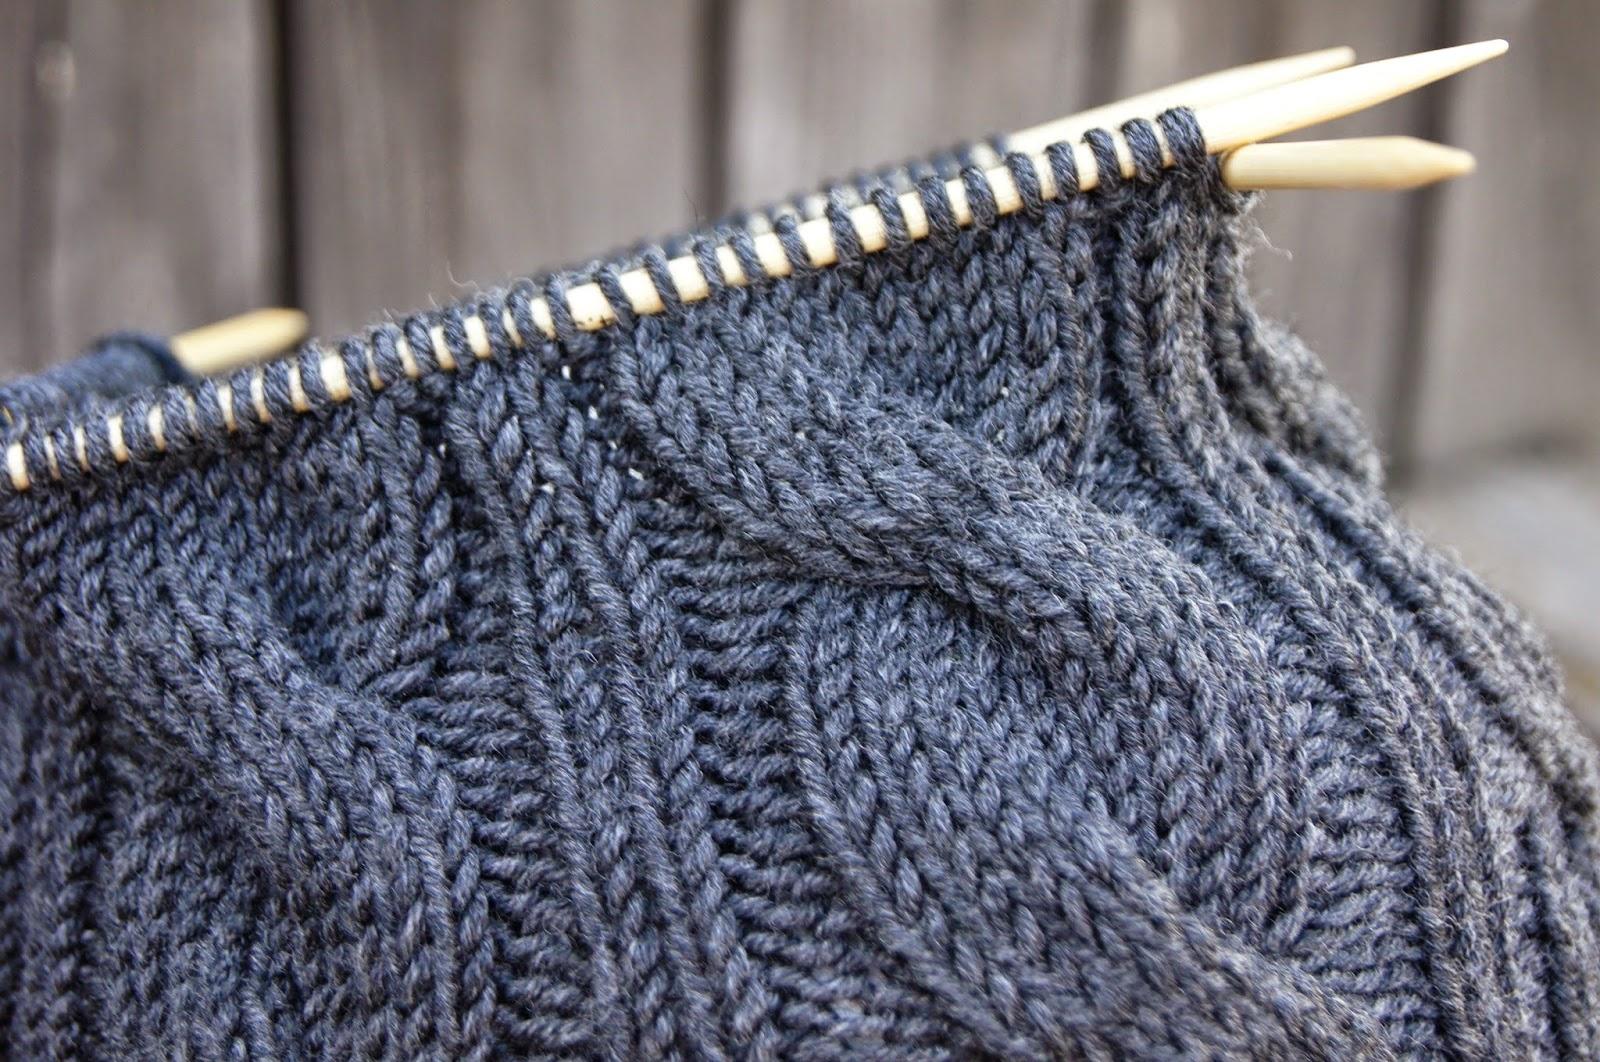 Das Zopfmuster ist der Klassiker unter den Strickmustern. Hier erfahrt Ihr, wie man ein Zopfmuster strickt. Das Prinzip des Zopfes ist immer das Gleiche und im Grunde sehr einfach zu stricken.